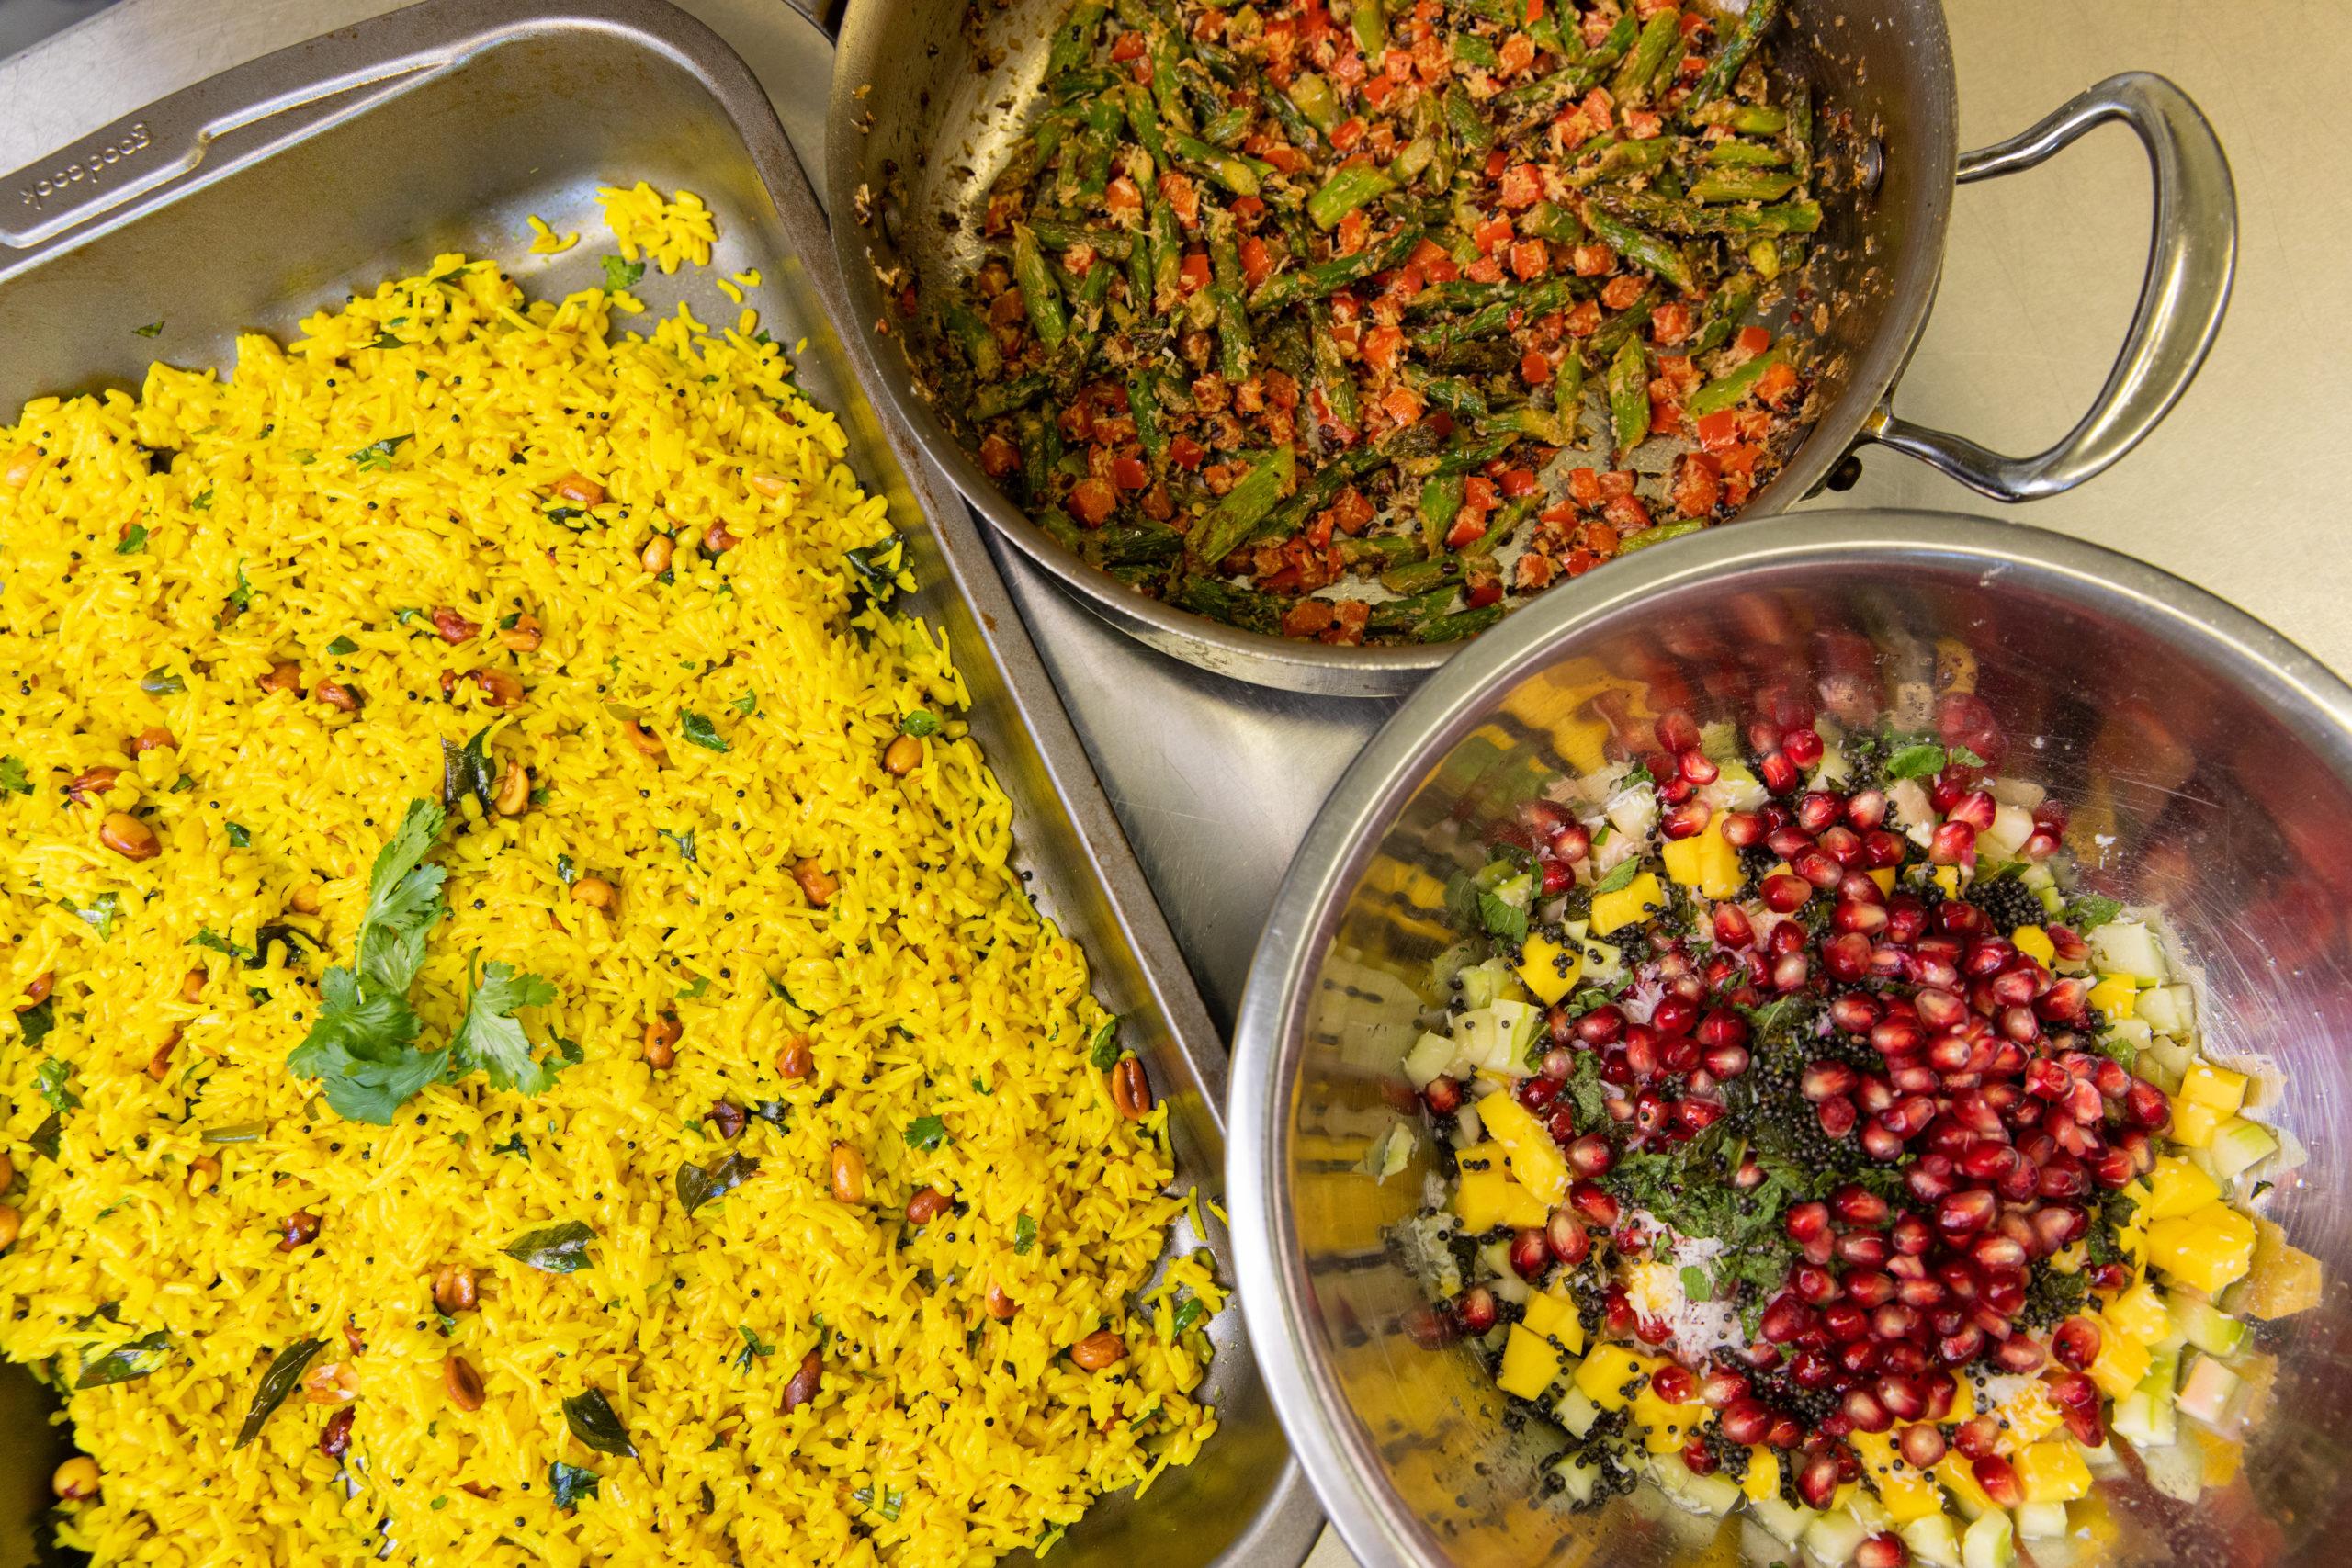 Tapovana dishes in progress.